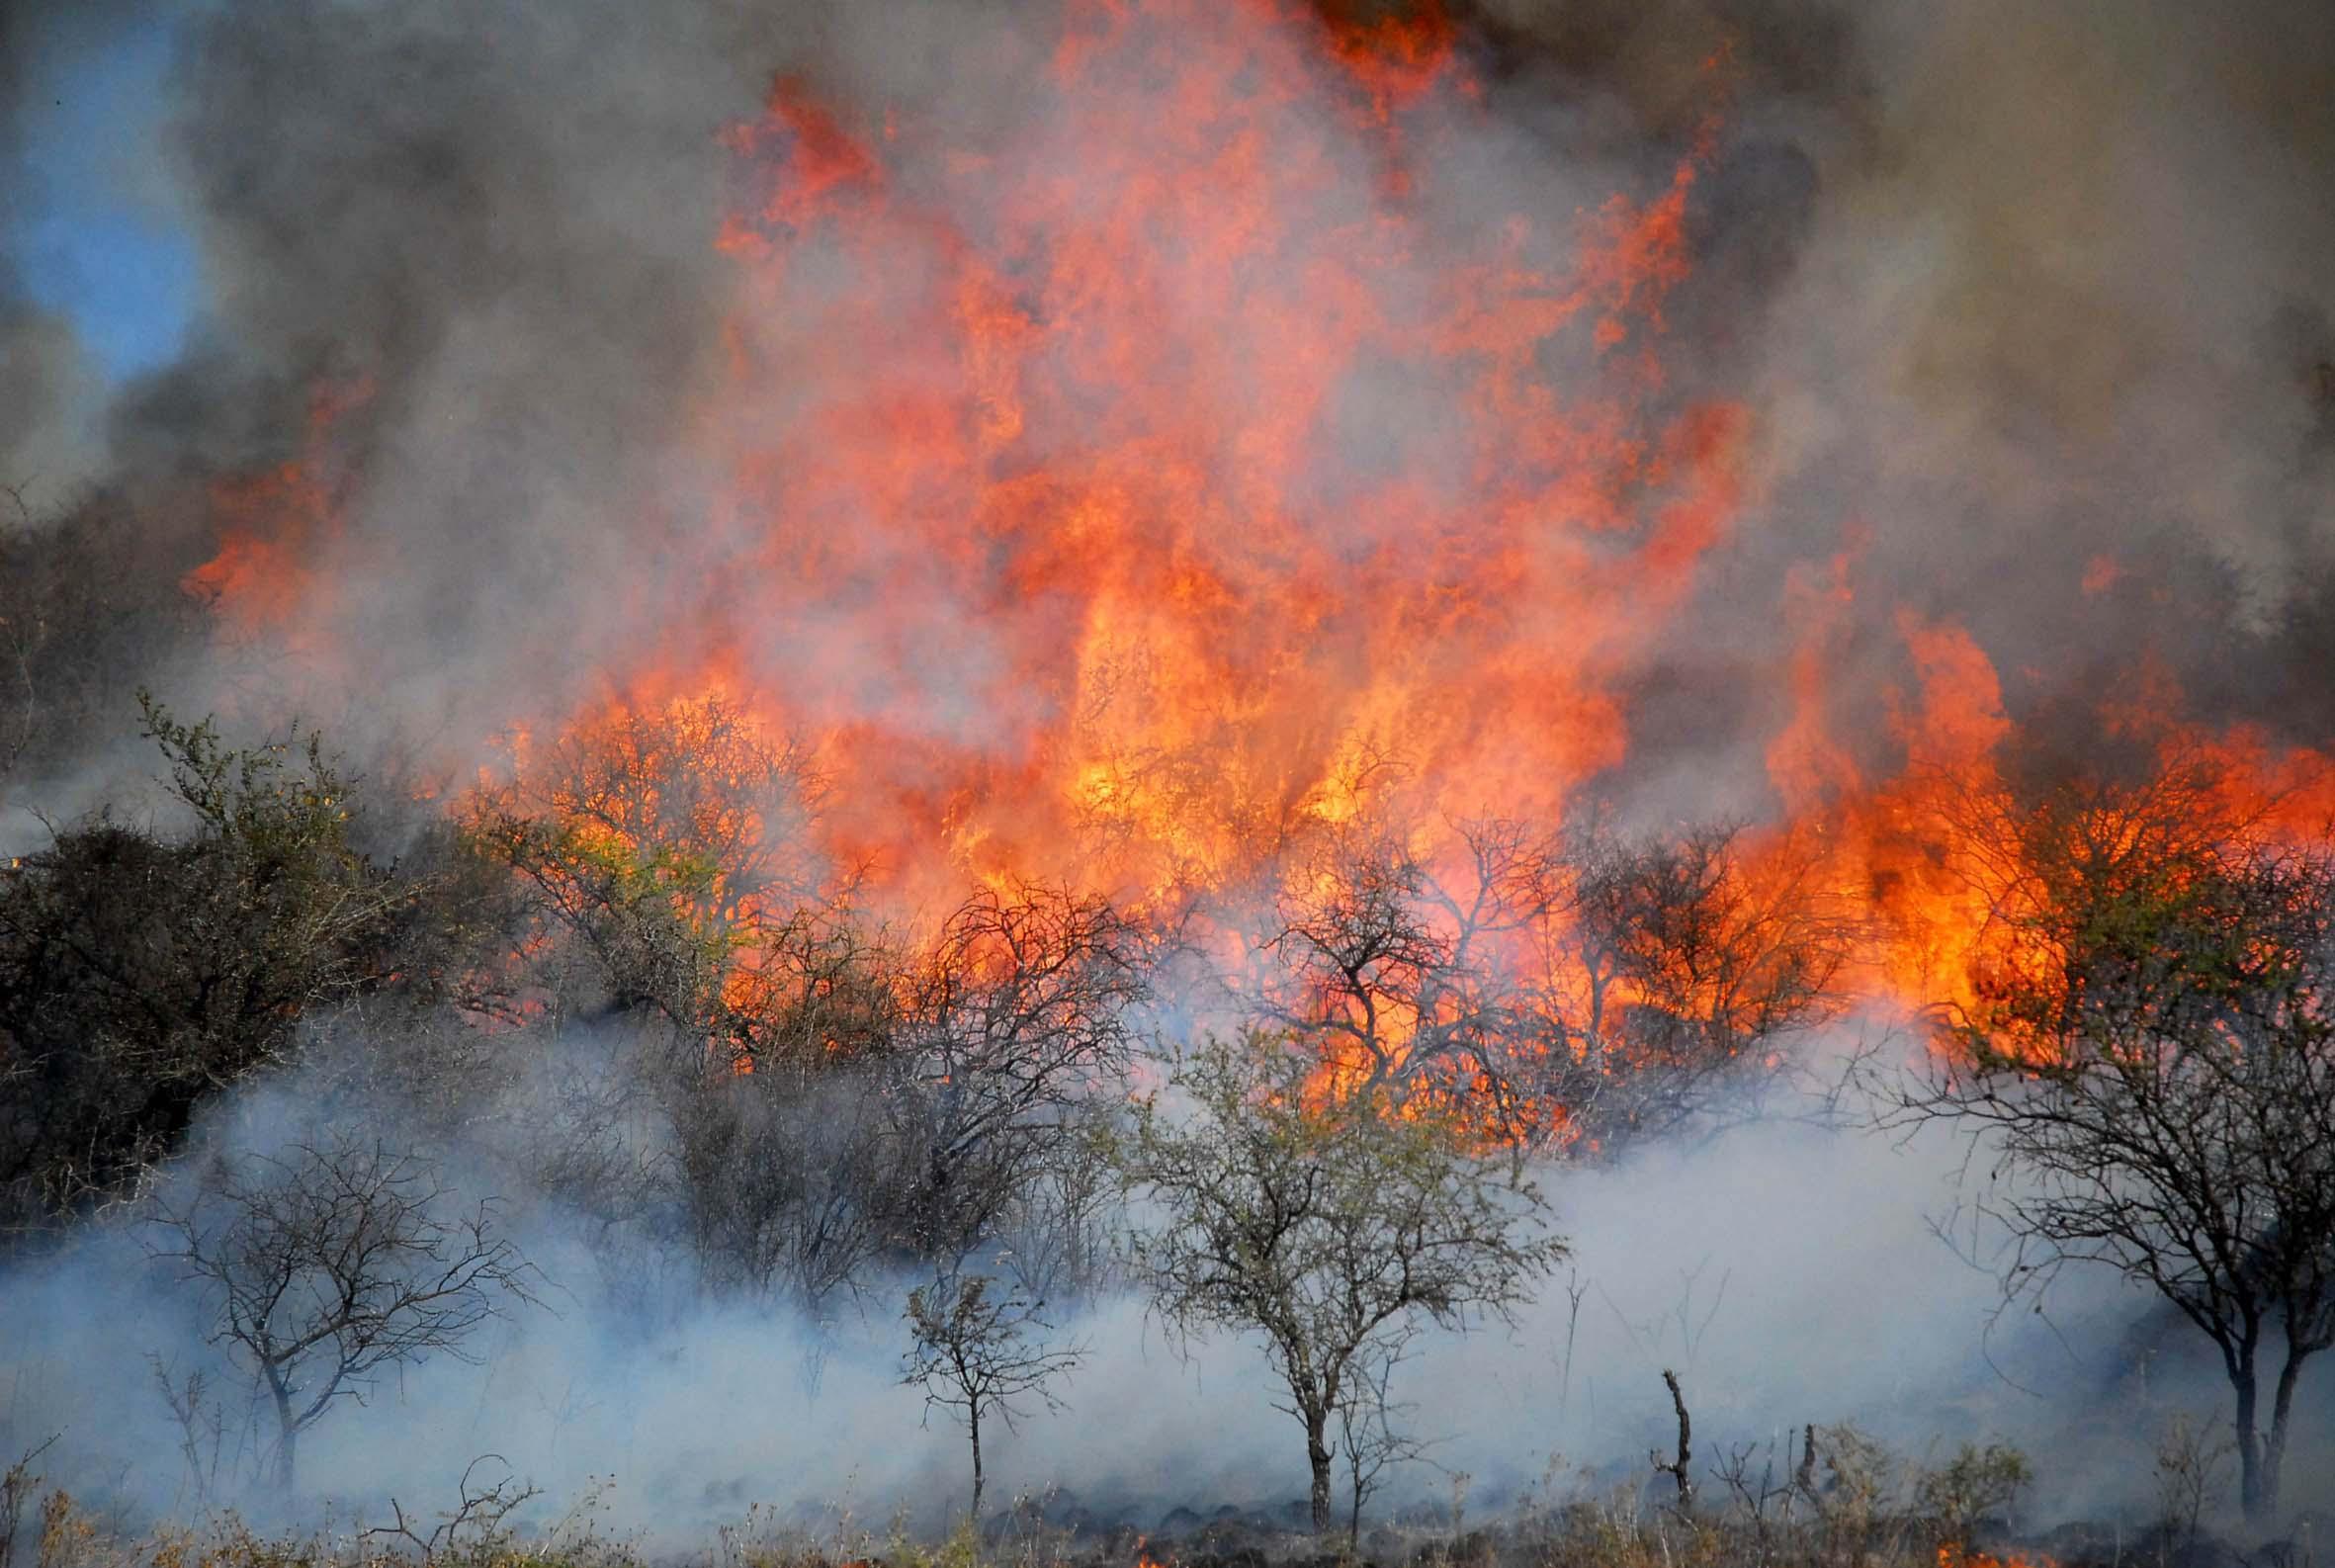 26/08/2020; Córdoba: Fotografía de archivo del día 13/07/2009. El combate de los incendios forestales en la provincia de Córdoba se concentraba esta mañana en tres grandes focos ubicados en la región de Capilla del Monte, Casa Grande y Valle Hermoso, en el valle de Punilla, luego de que se lograra sofocar el fuego en distintos puntos.Foto: Irma Montiel/Télam/CGL